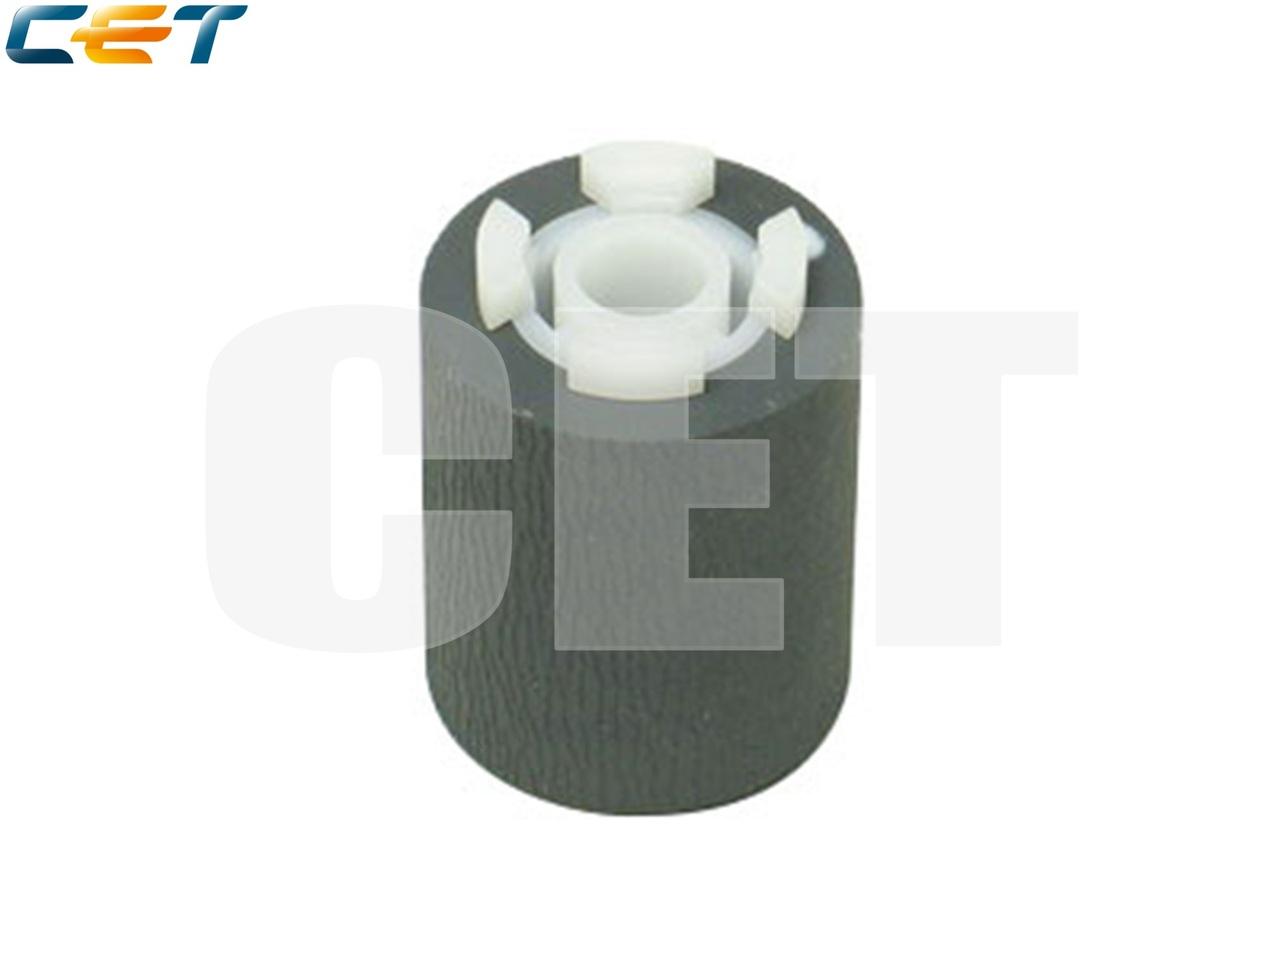 Ролик отделения обходного лотка AF03-2035 для RICOH Aficio1035/1045 (CET), CET6430